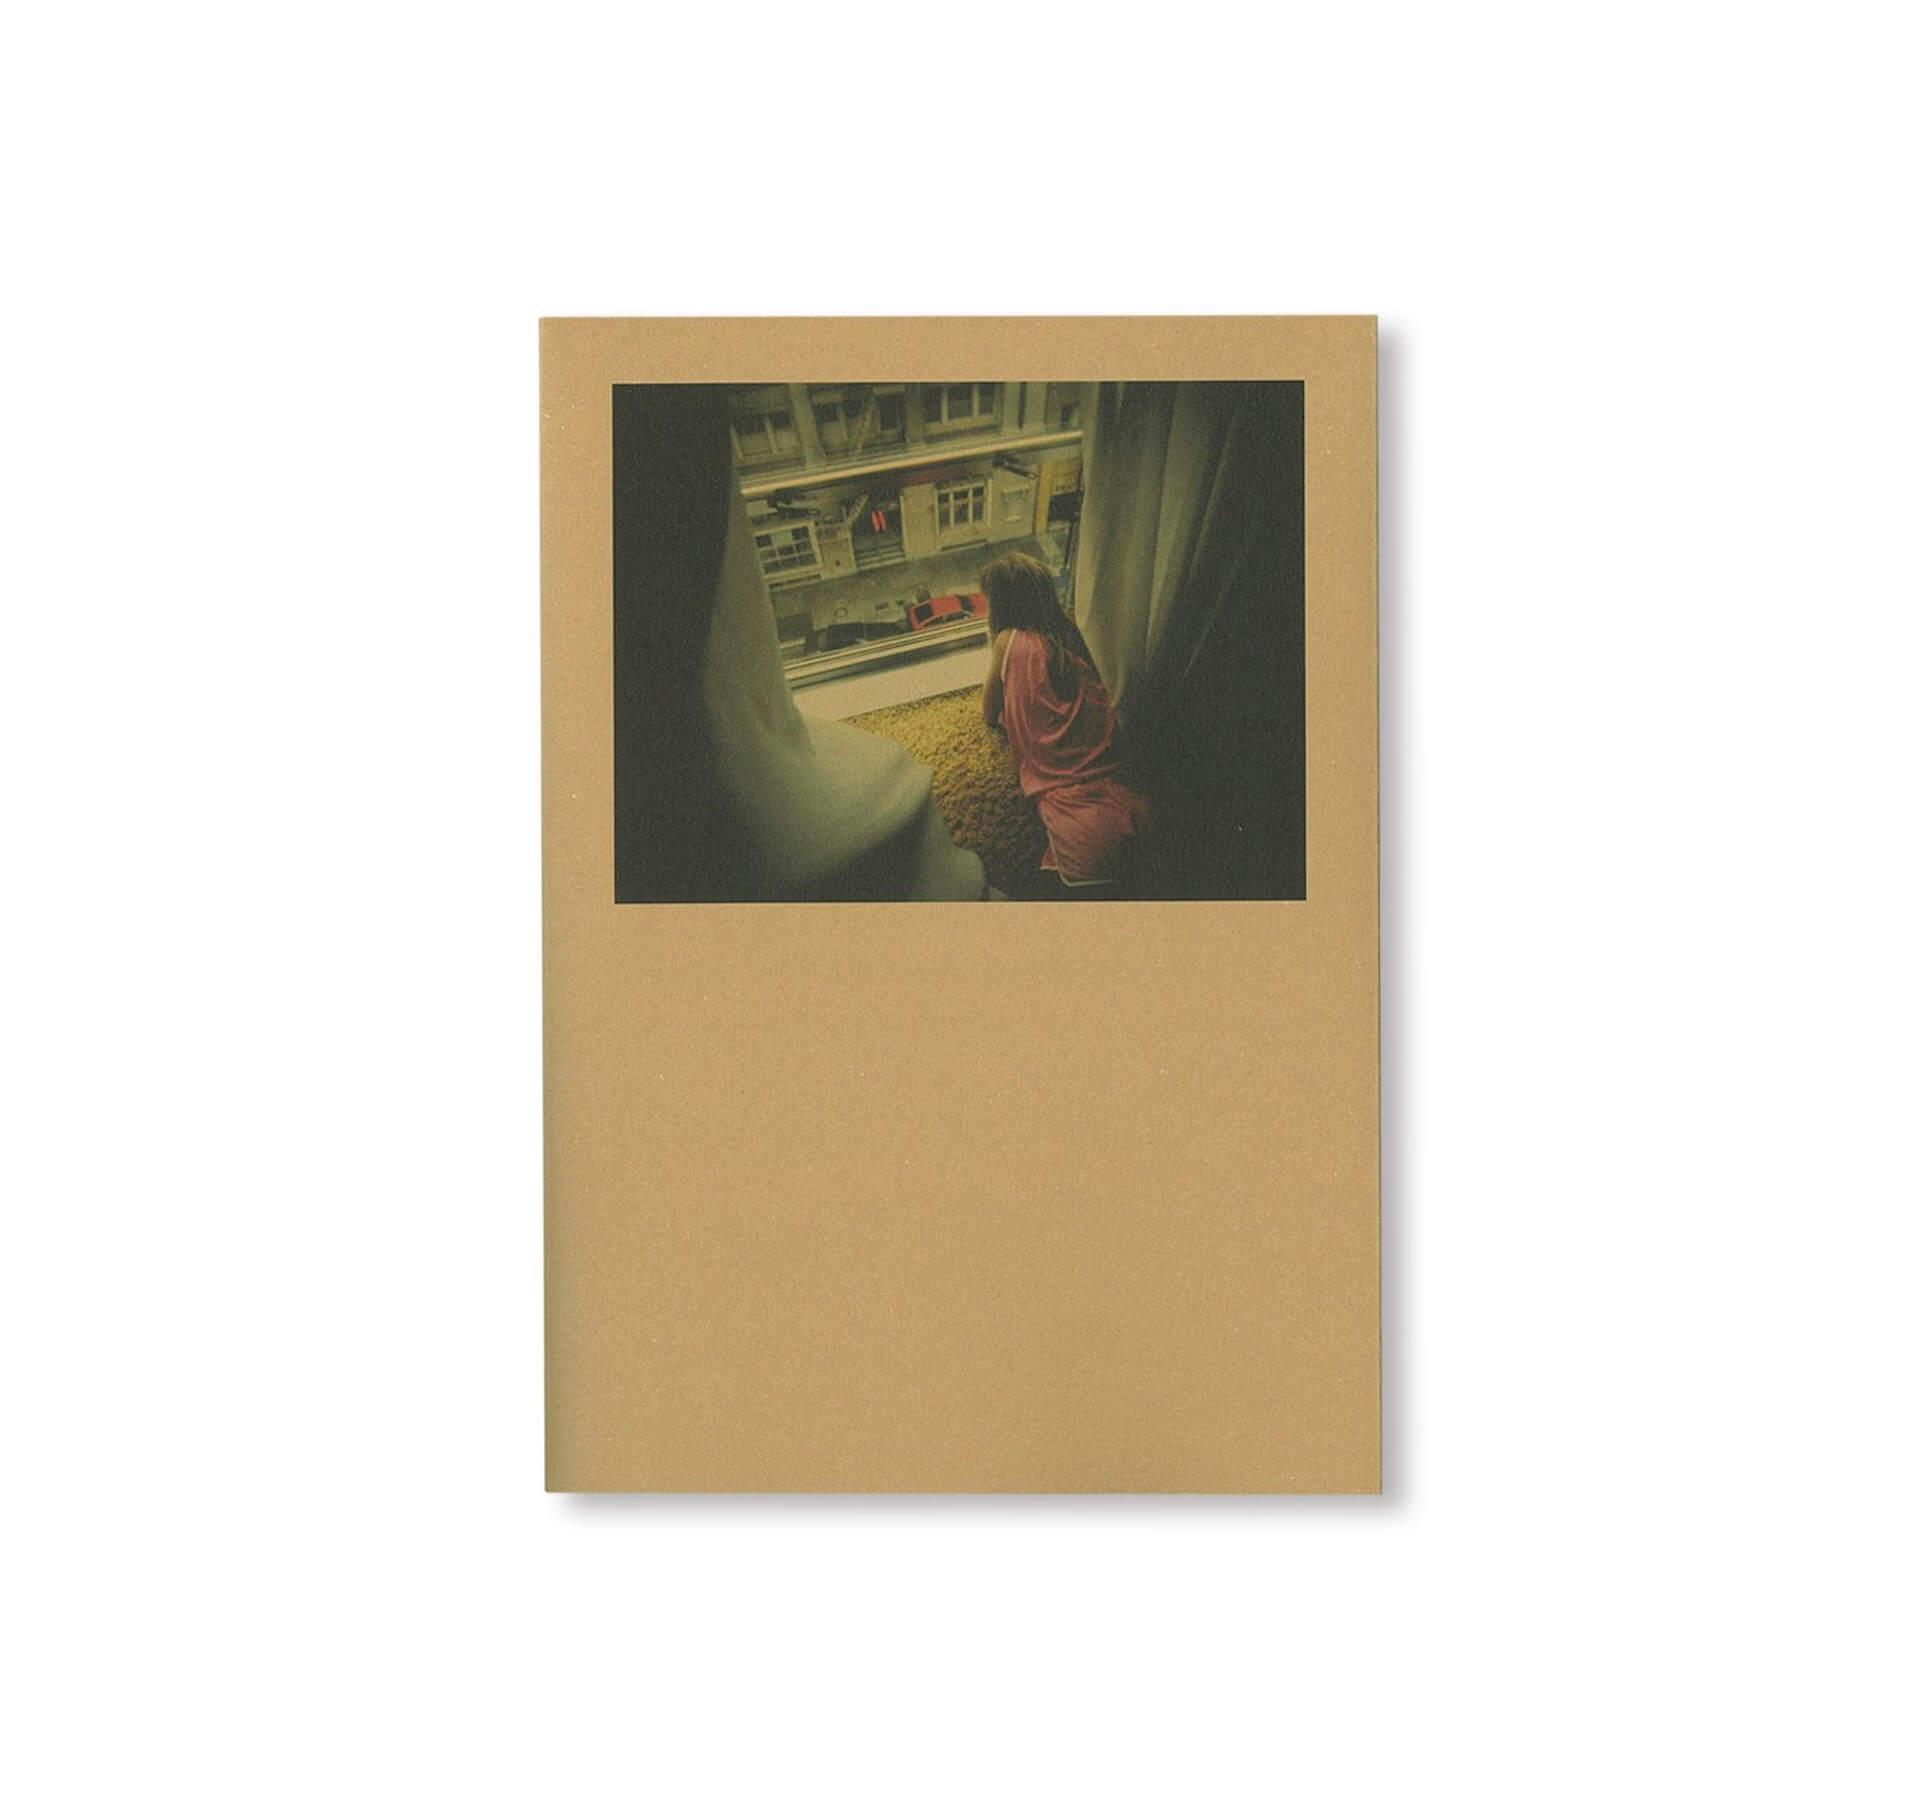 アートブックノススメ|Qetic編集部が選ぶ4冊/Alberto di Lenardo, Carlotta di Lenardo他 column210521_artbook-01